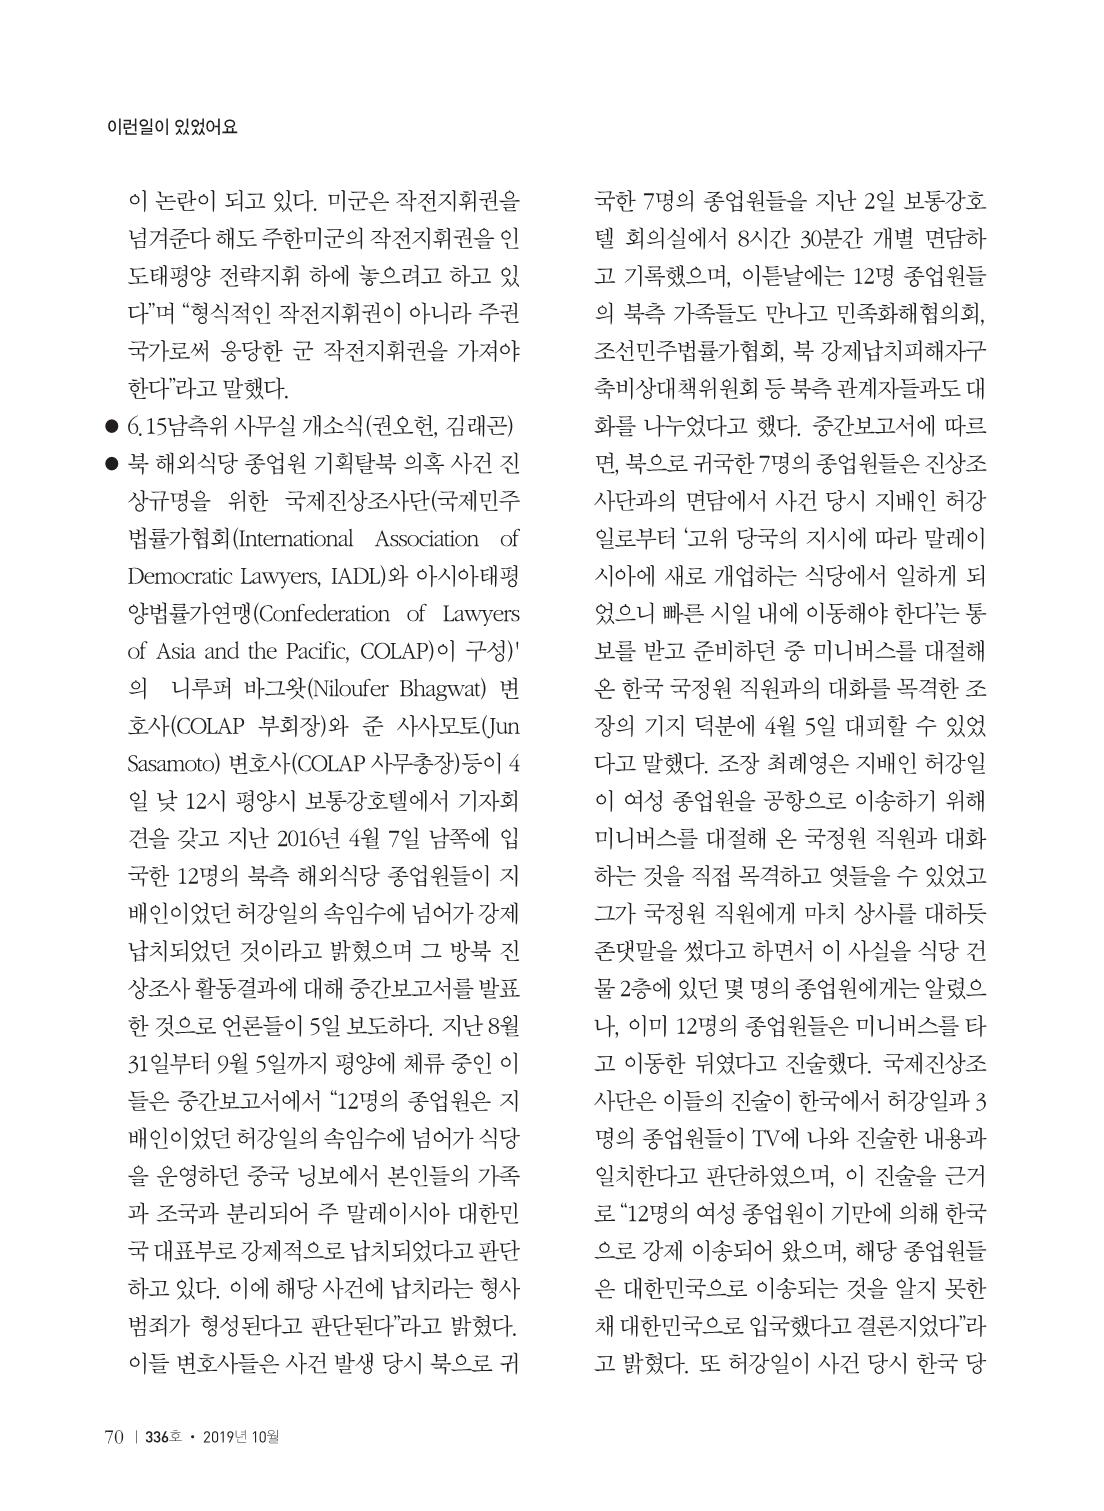 154780e2-c93e-4795-937d-bbcc14642e29.pdf-0072.jpg